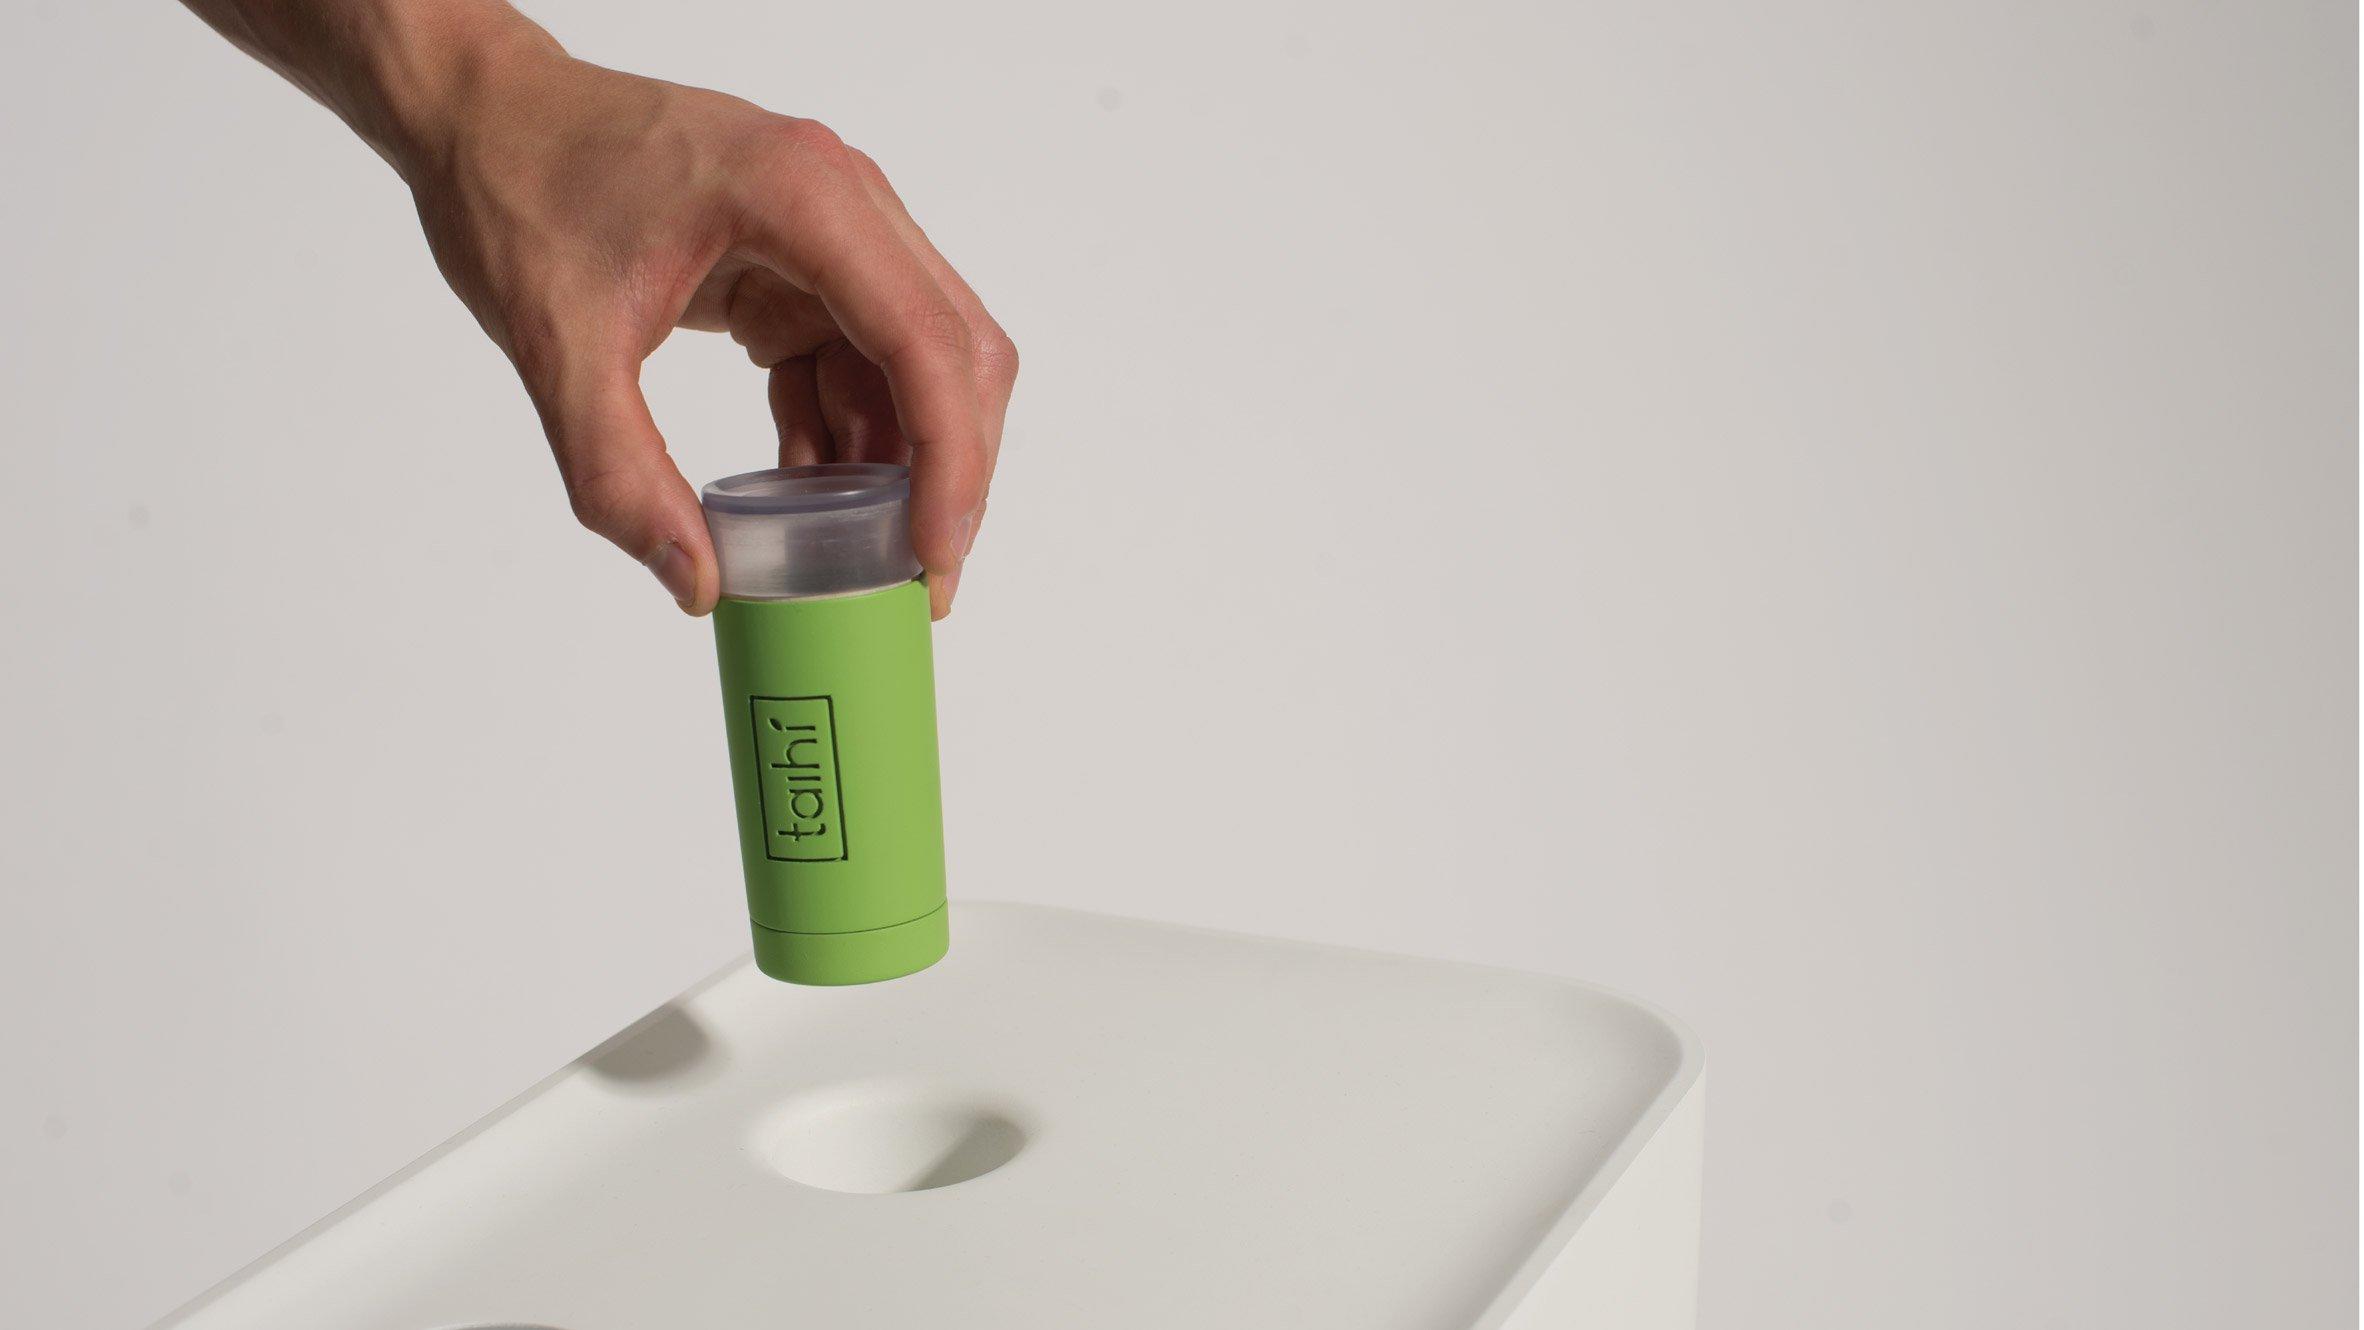 Produto que acelera a decomposição dos resíduos.